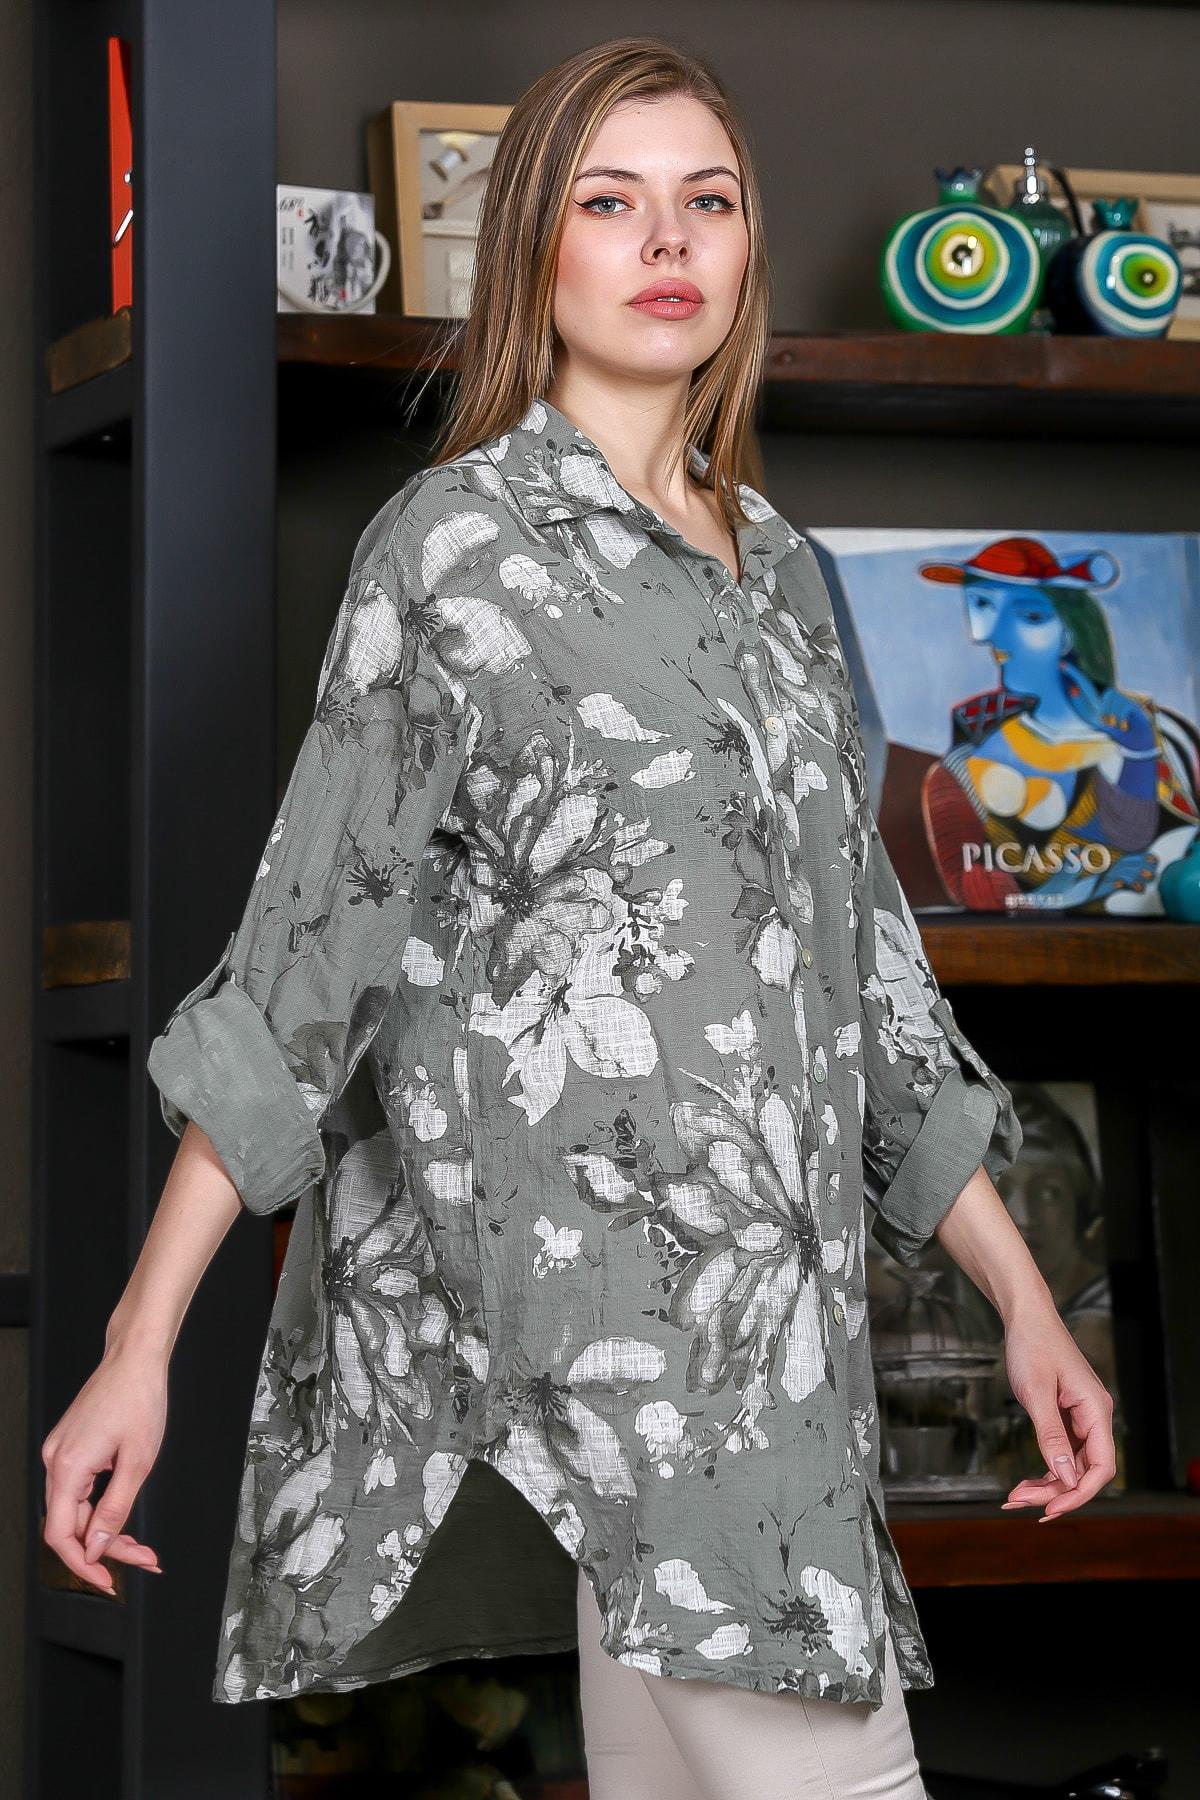 Chiccy Kadın Yeşil İtalyan Çiçek Desenli 3/4 Kol Ayarlı Yanı Yırtmaçlı Tunik Gömlek M10010400GM99439 2